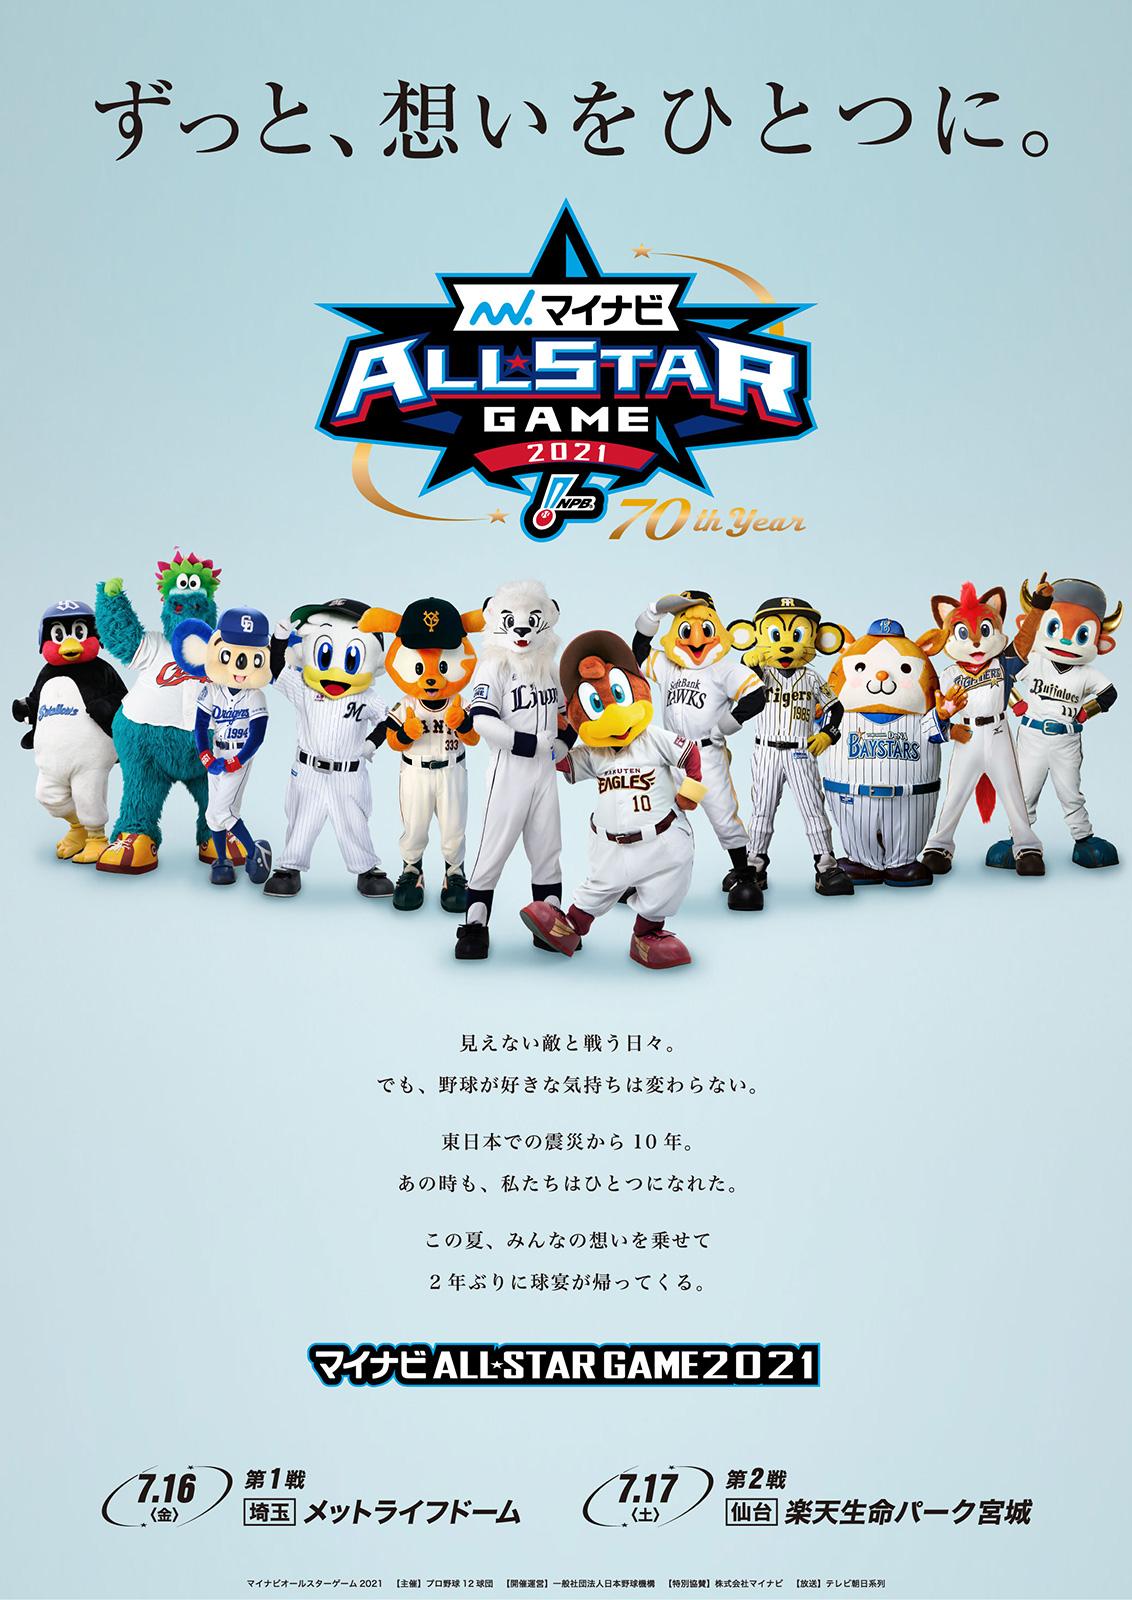 【プロ野球】NPB12球団のマスコットであなたが一番好きなのは誰?【人気投票実施中】   ねとらぼ調査隊